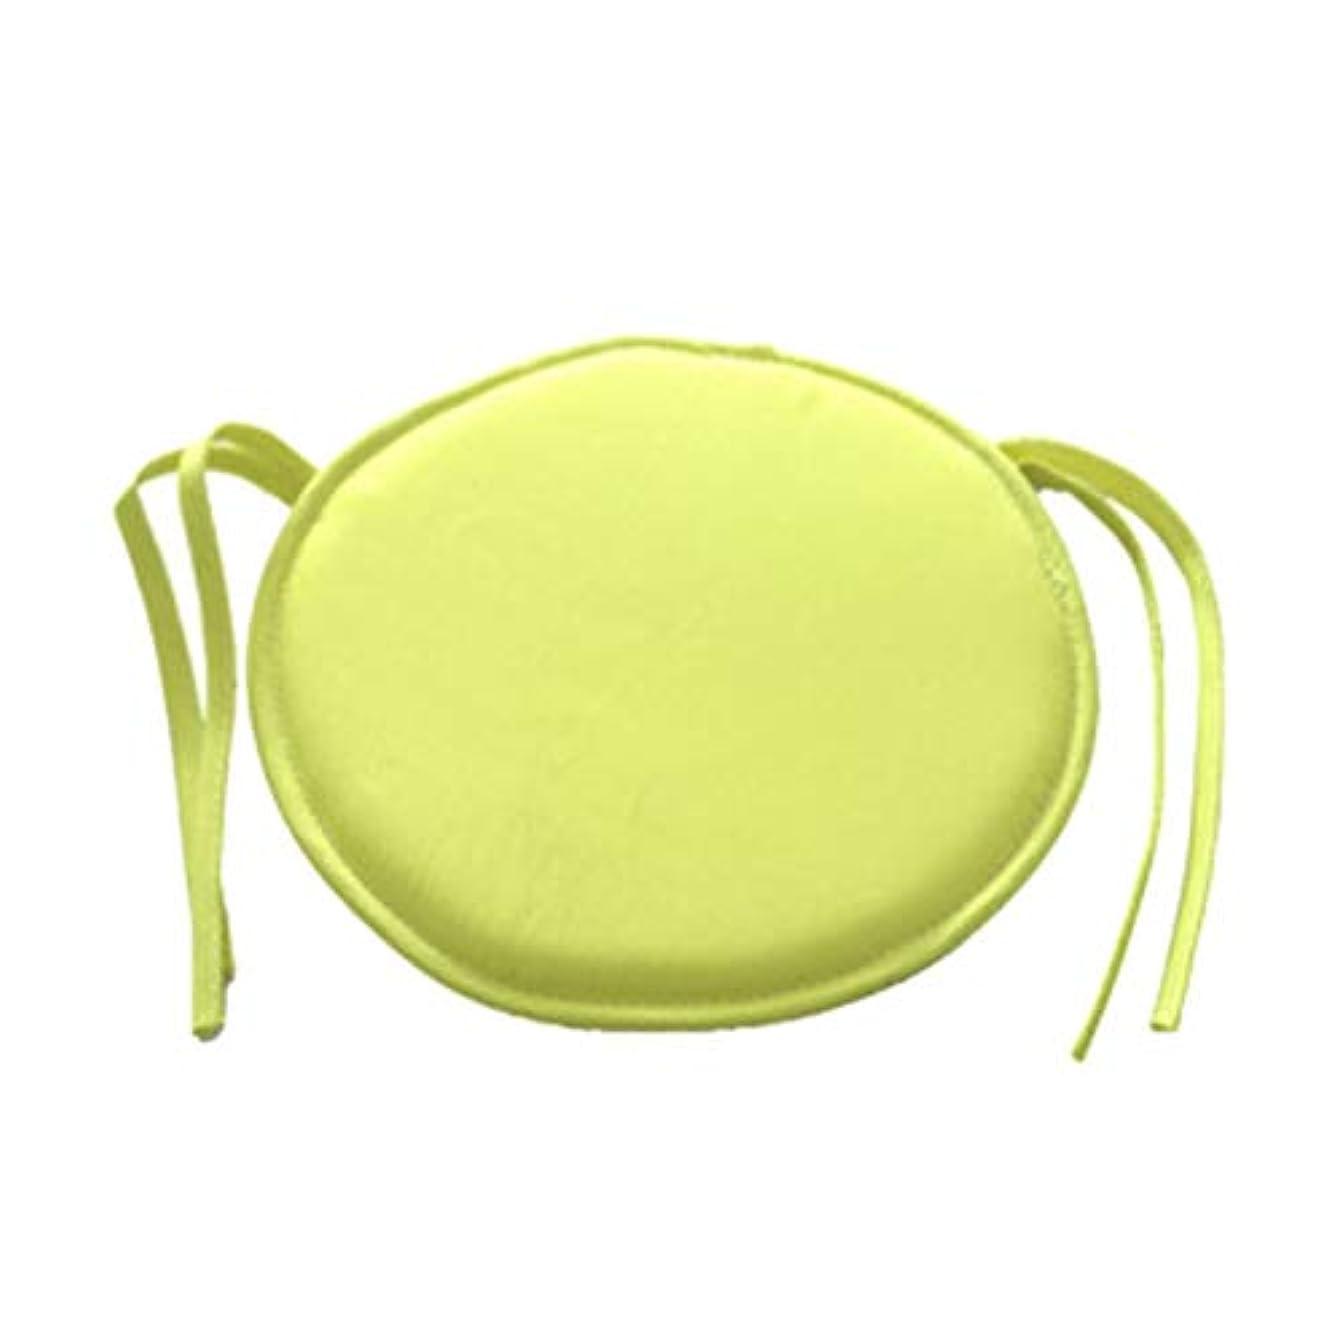 無傷健全アドバンテージLIFE ホット販売ラウンドチェアクッション屋内ポップパティオオフィスチェアシートパッドネクタイスクエアガーデンキッチンダイニングクッション クッション 椅子